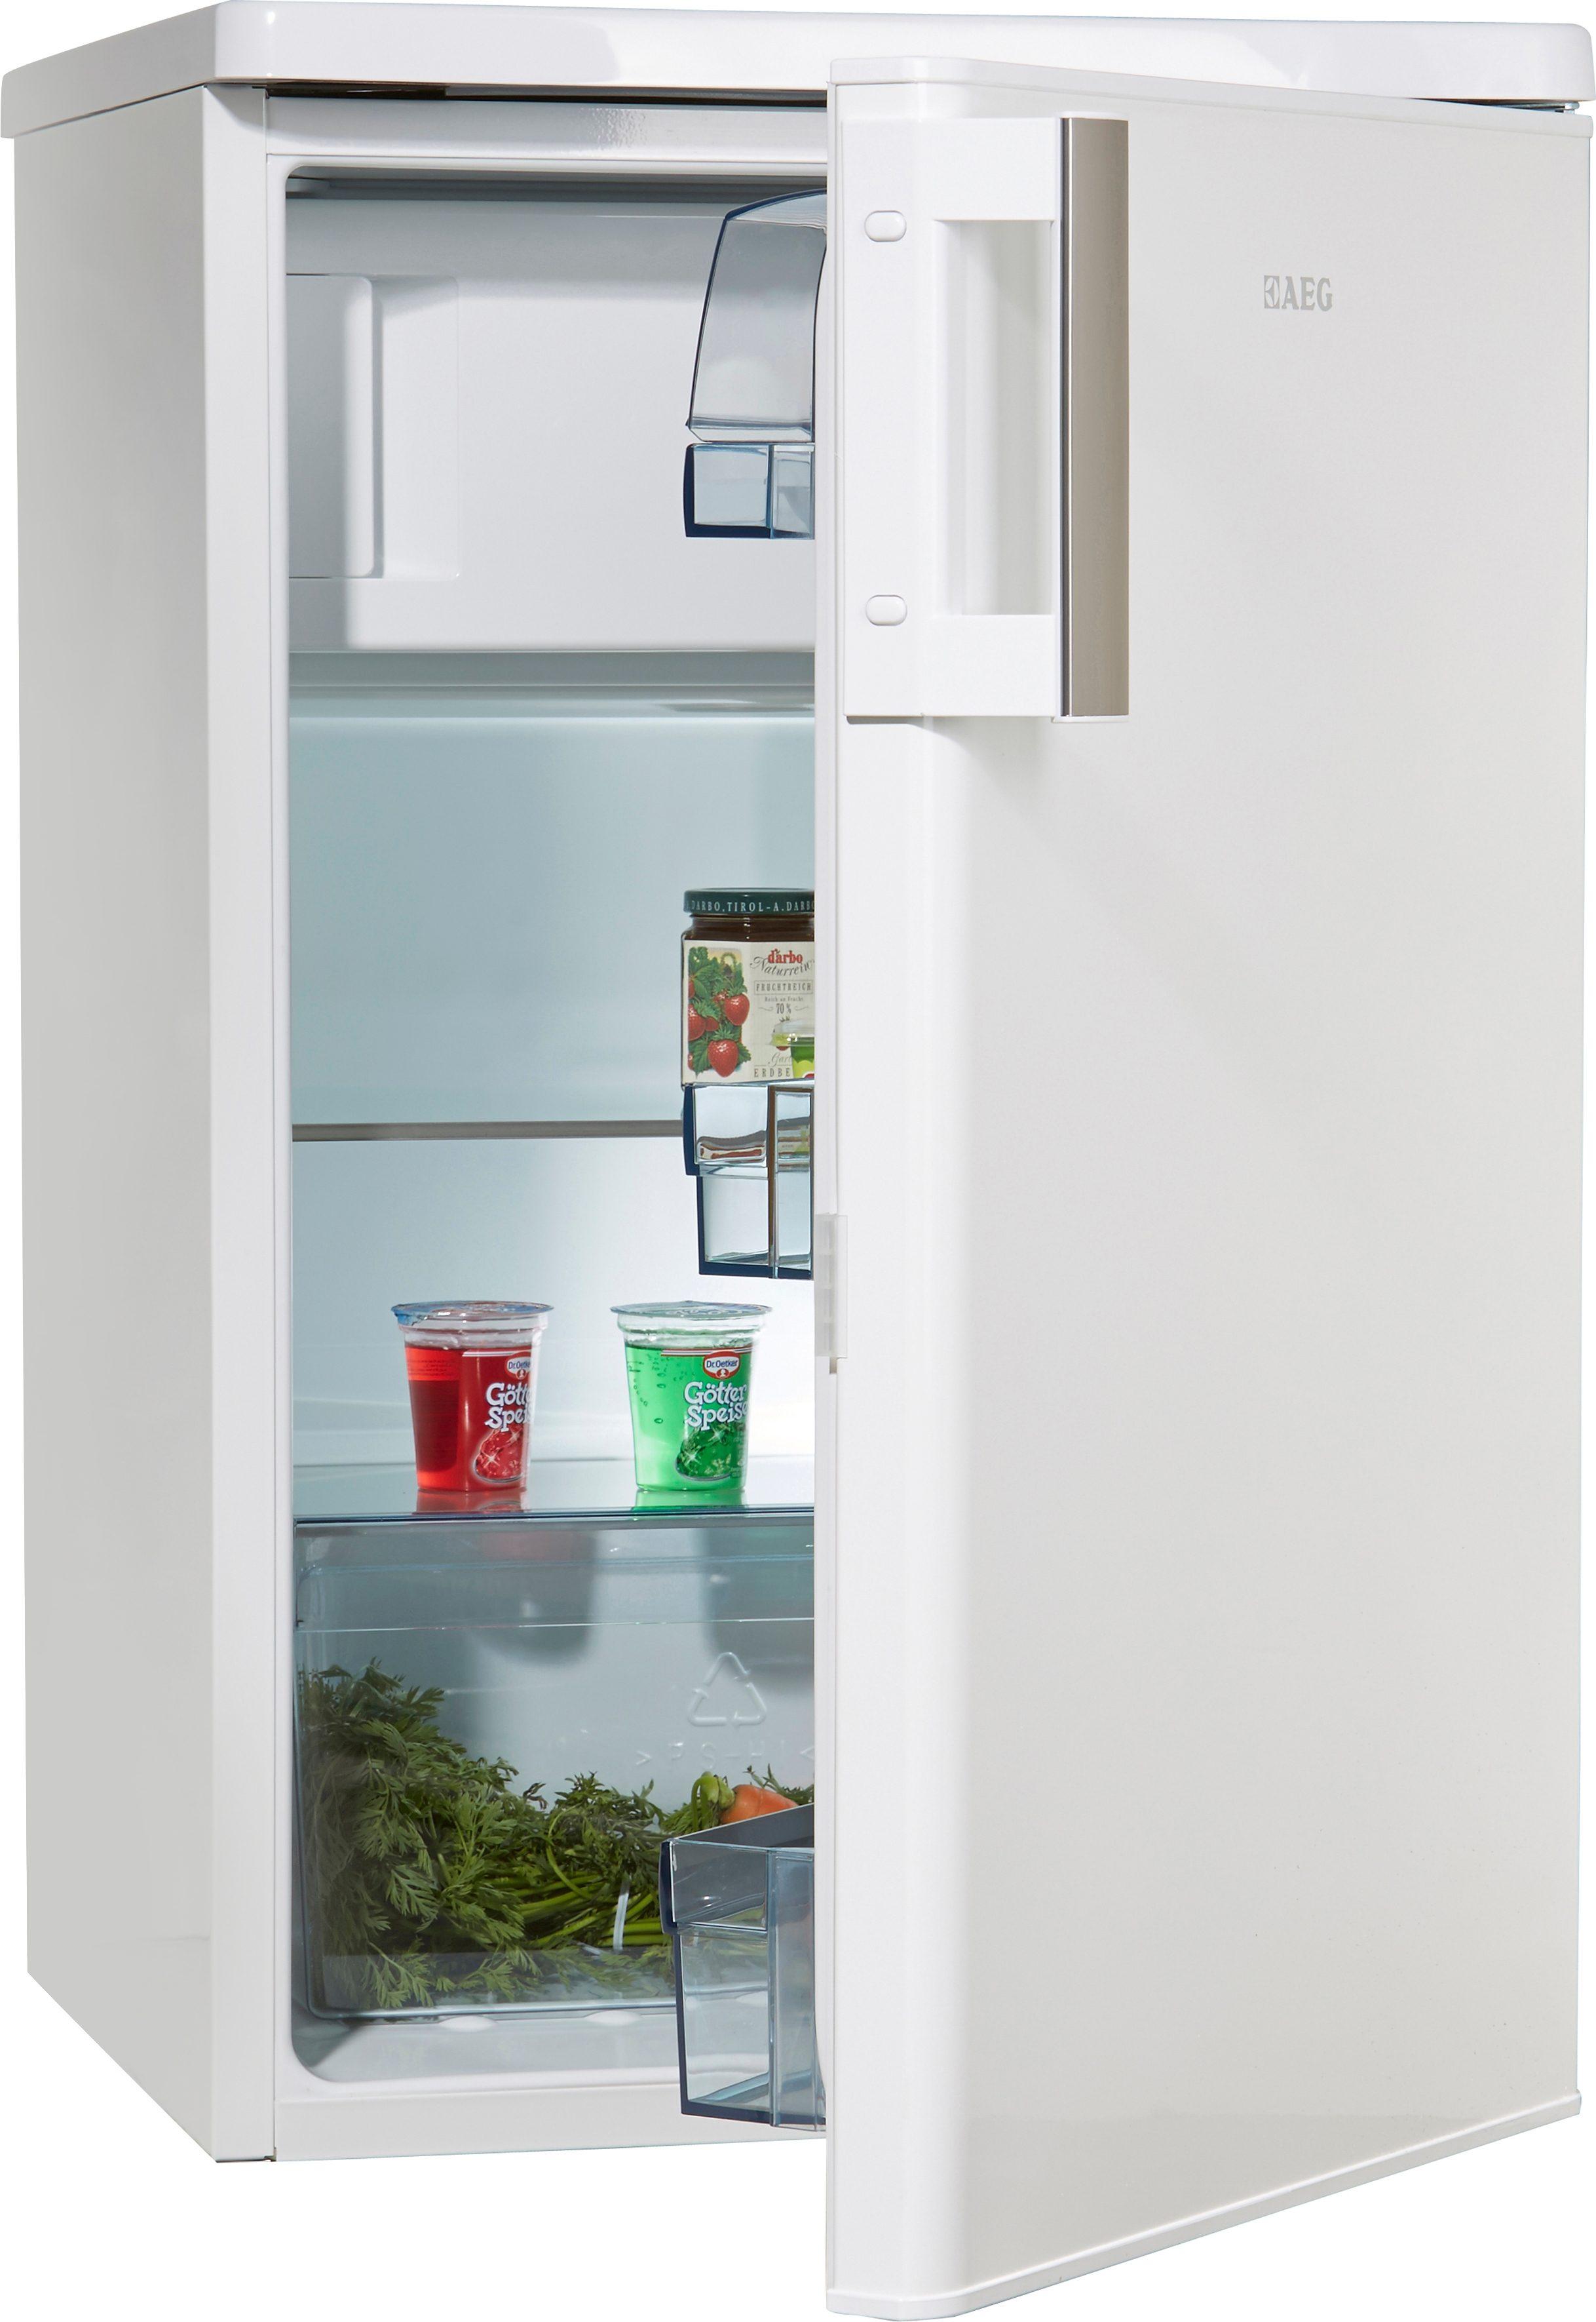 AEG Tischkühlschrank S71540TSW2 / SANTO, Energieklasse A++, 55 cm breit